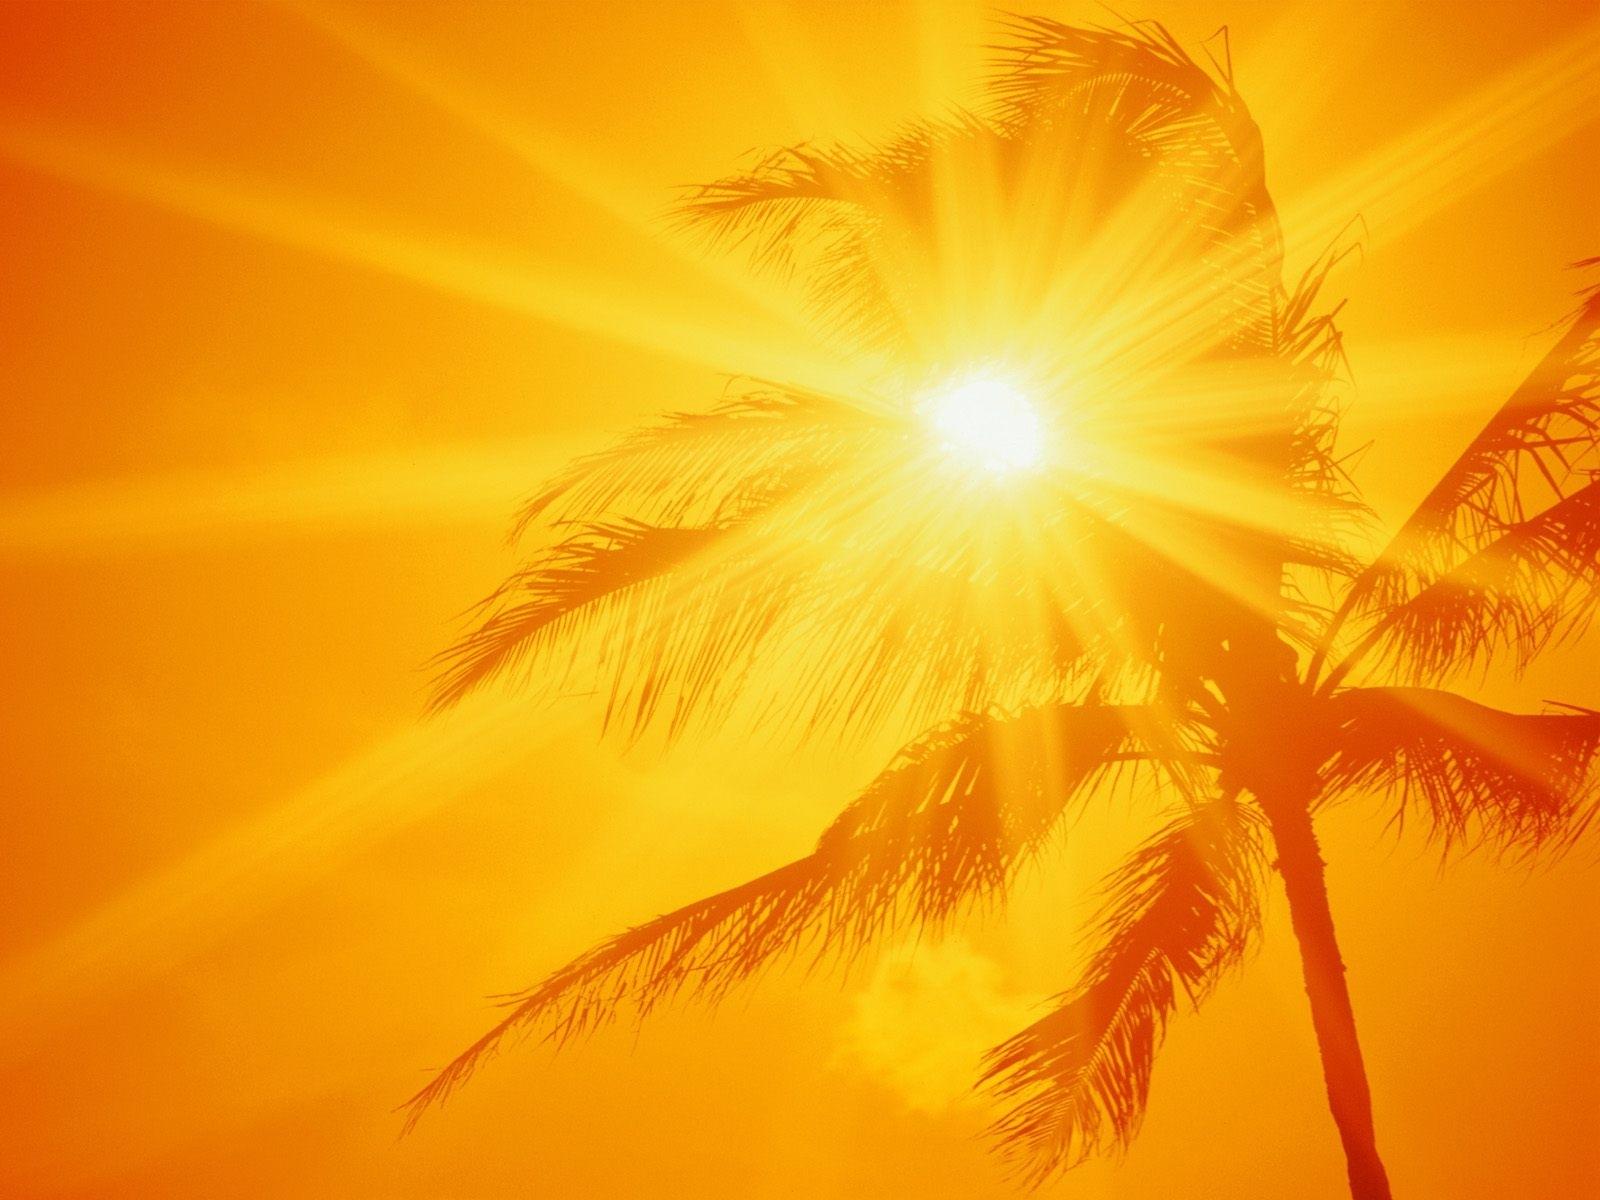 8248 скачать Желтые обои на телефон бесплатно, Фон, Солнце, Пальмы Желтые картинки и заставки на мобильный